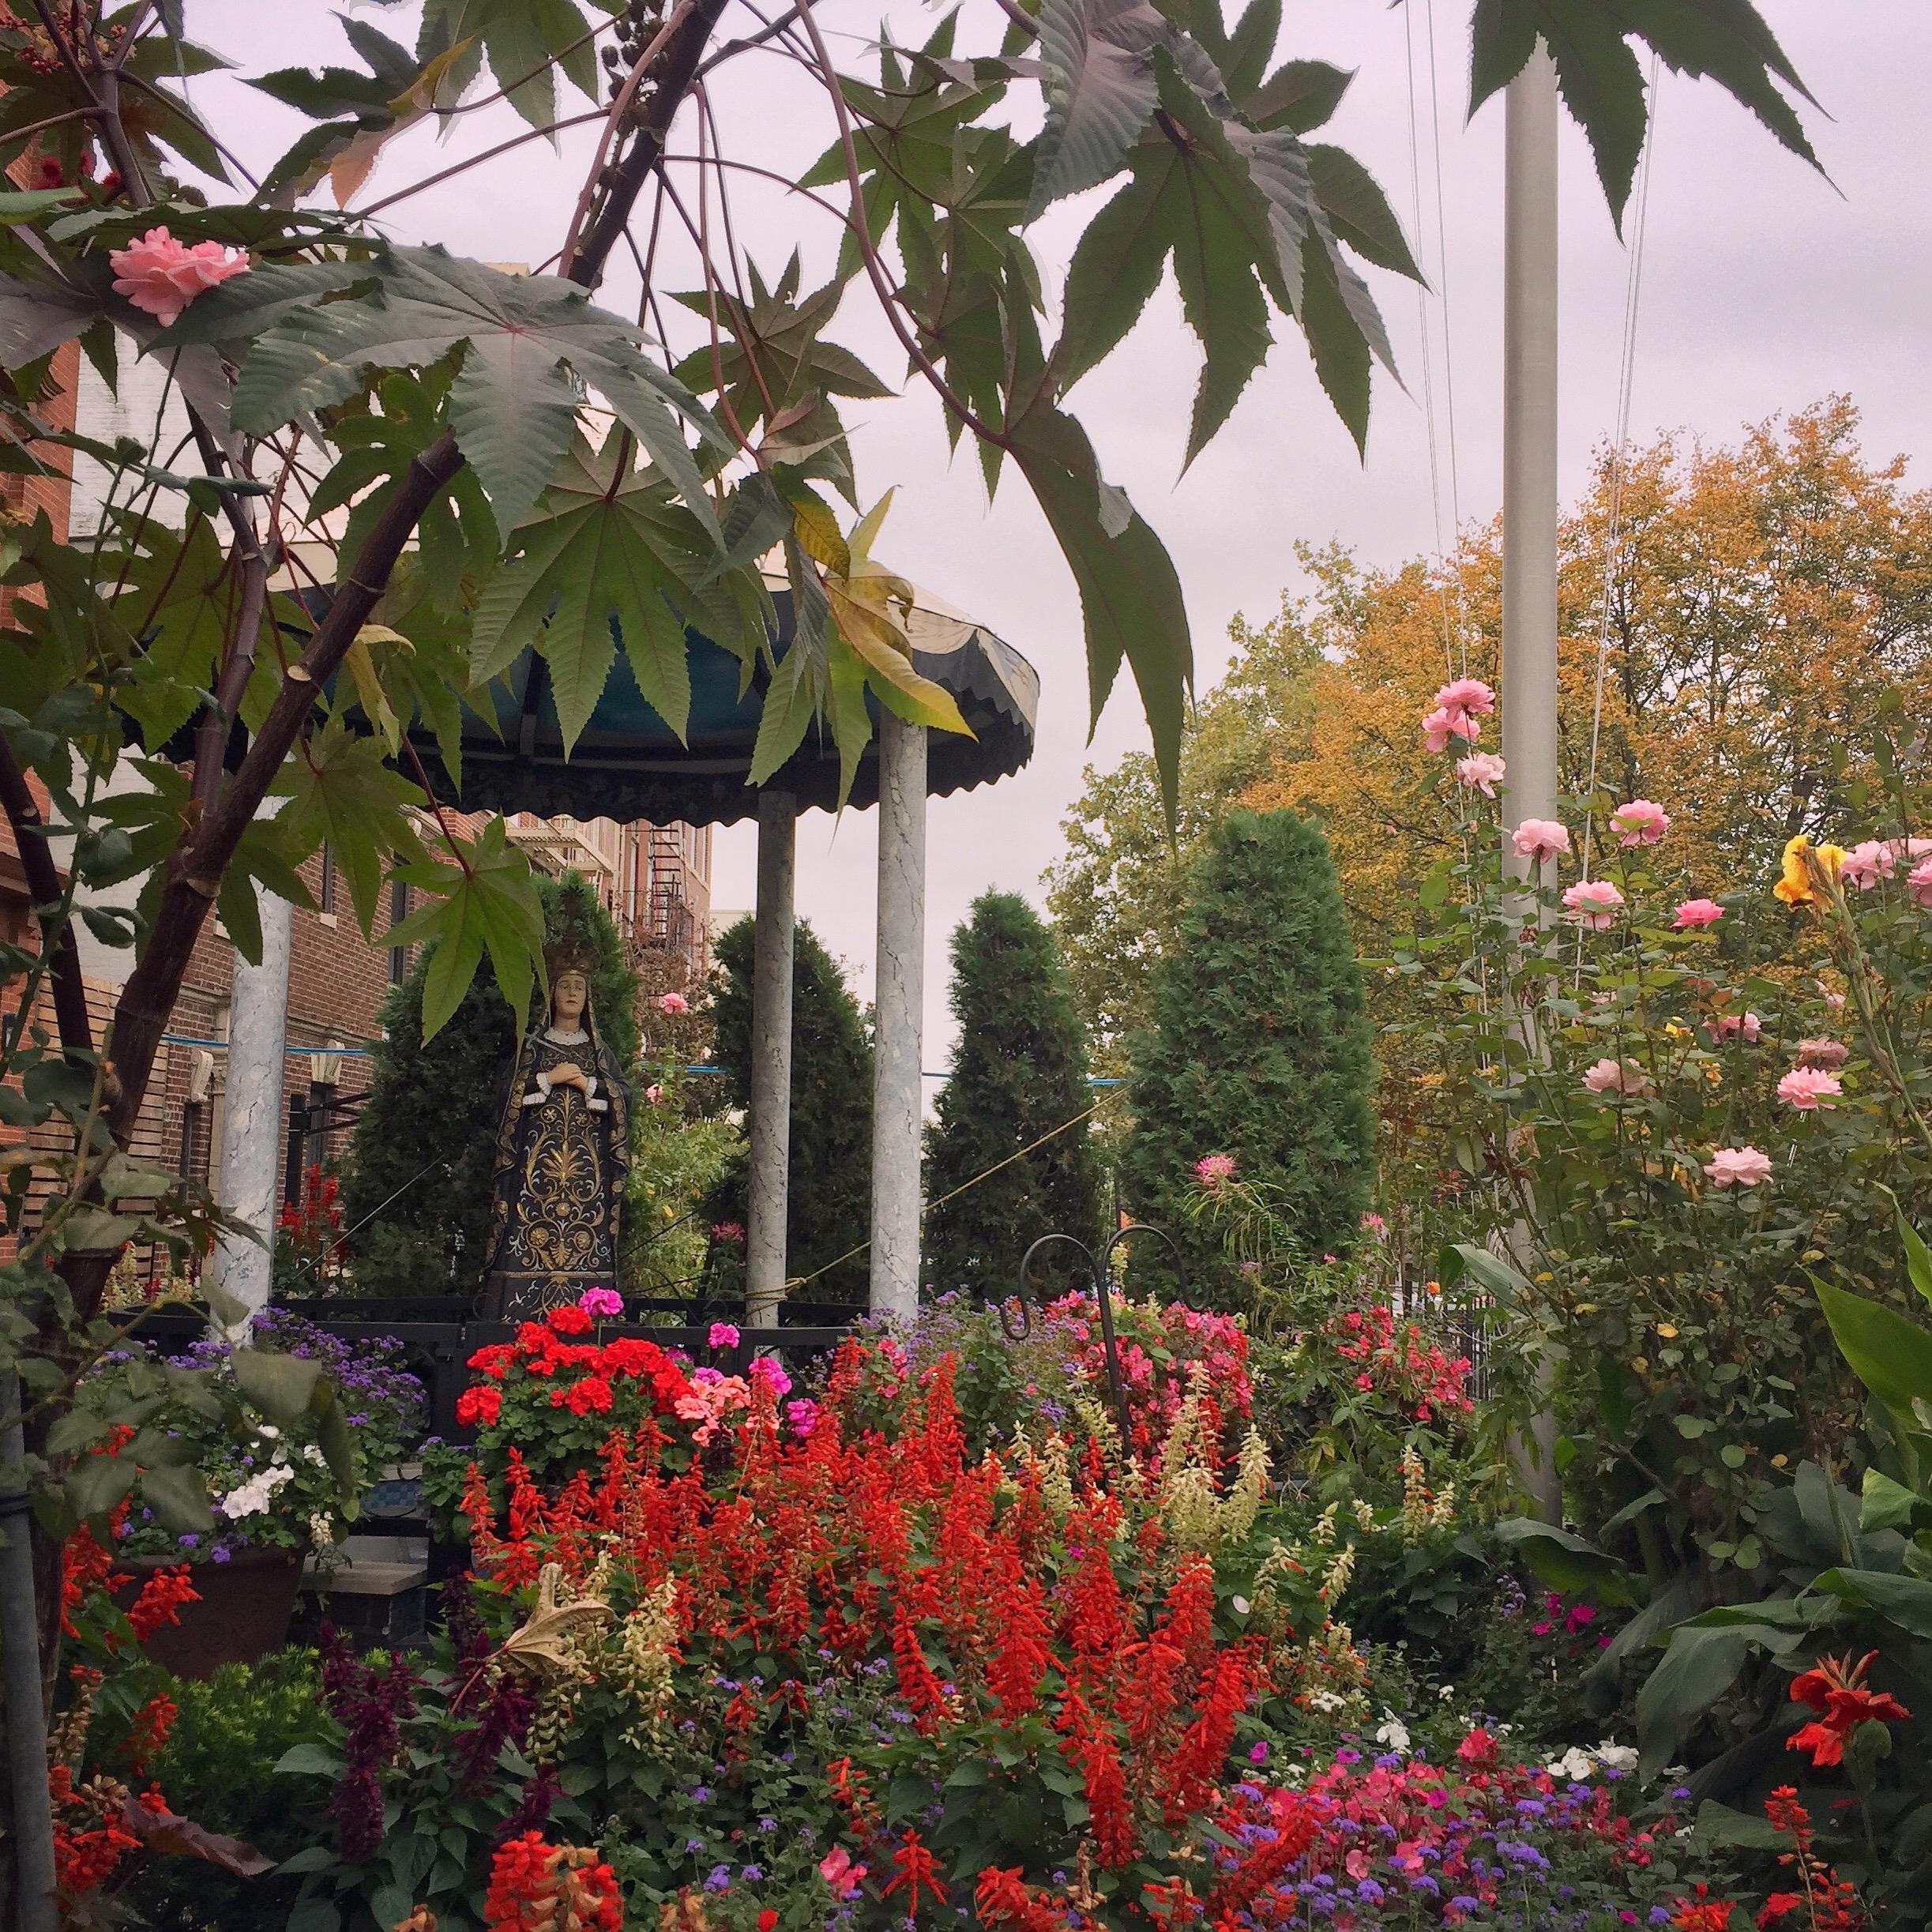 Carroll-gardens_CourtSt-social-club-garden_Bk.jpg